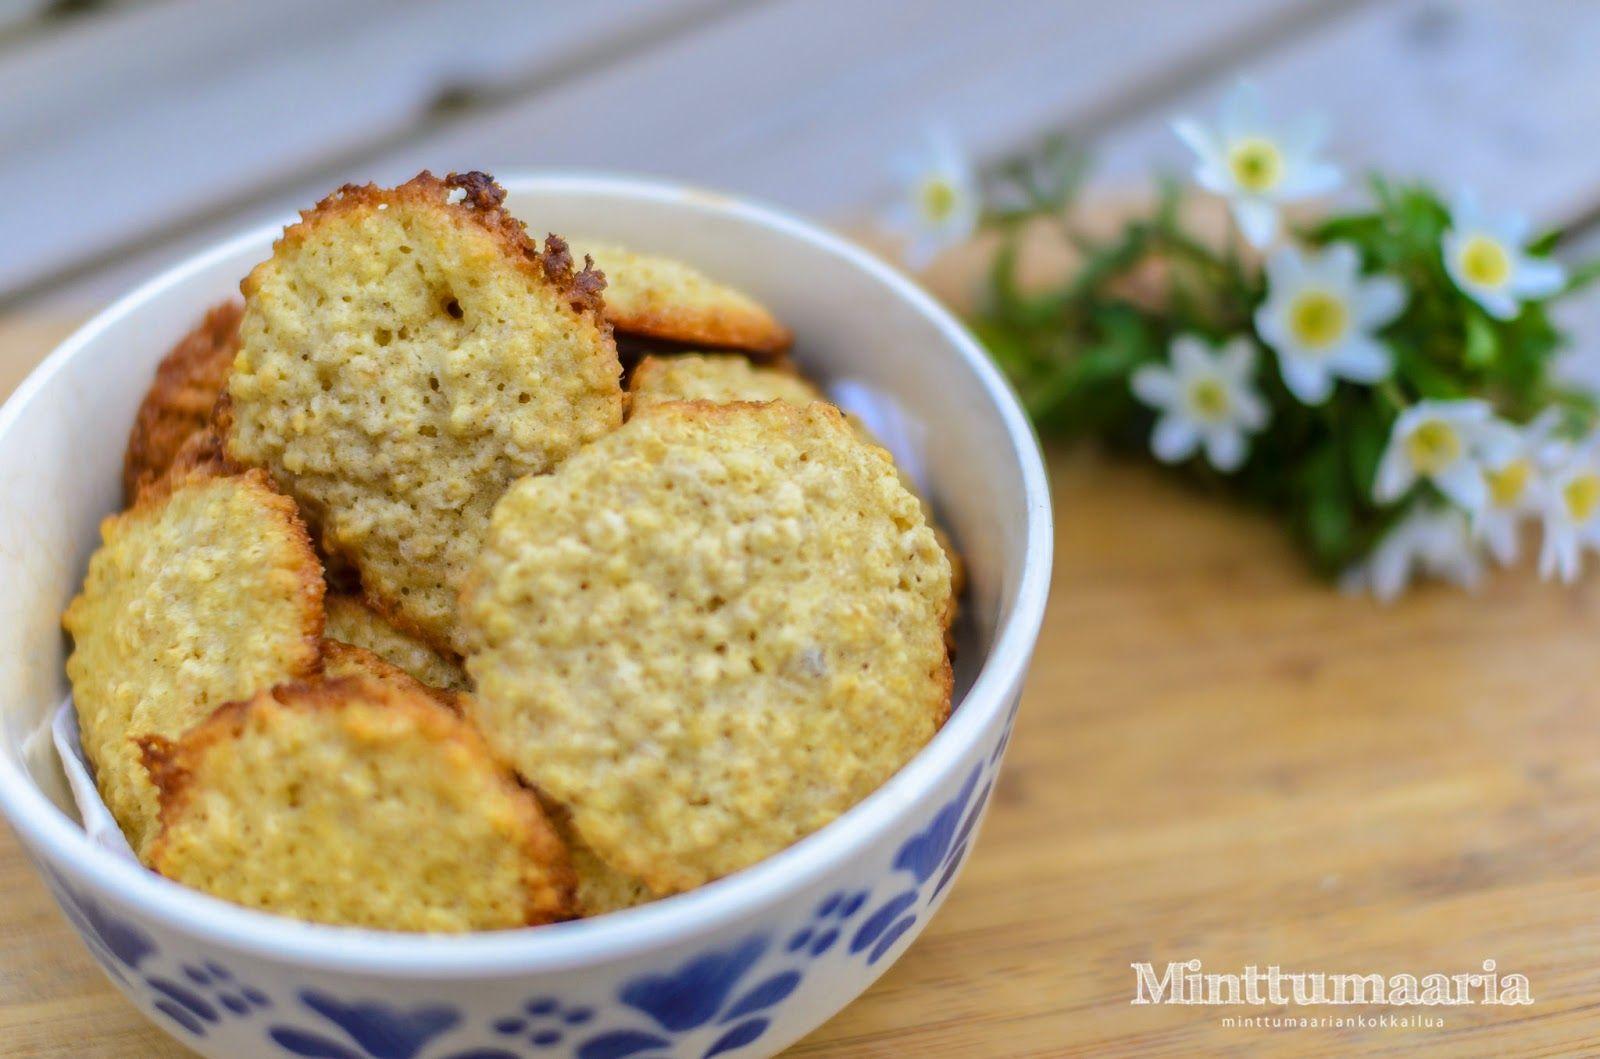 Minttumaarian kokkailua: Herkulliset ja helpot kauralastut